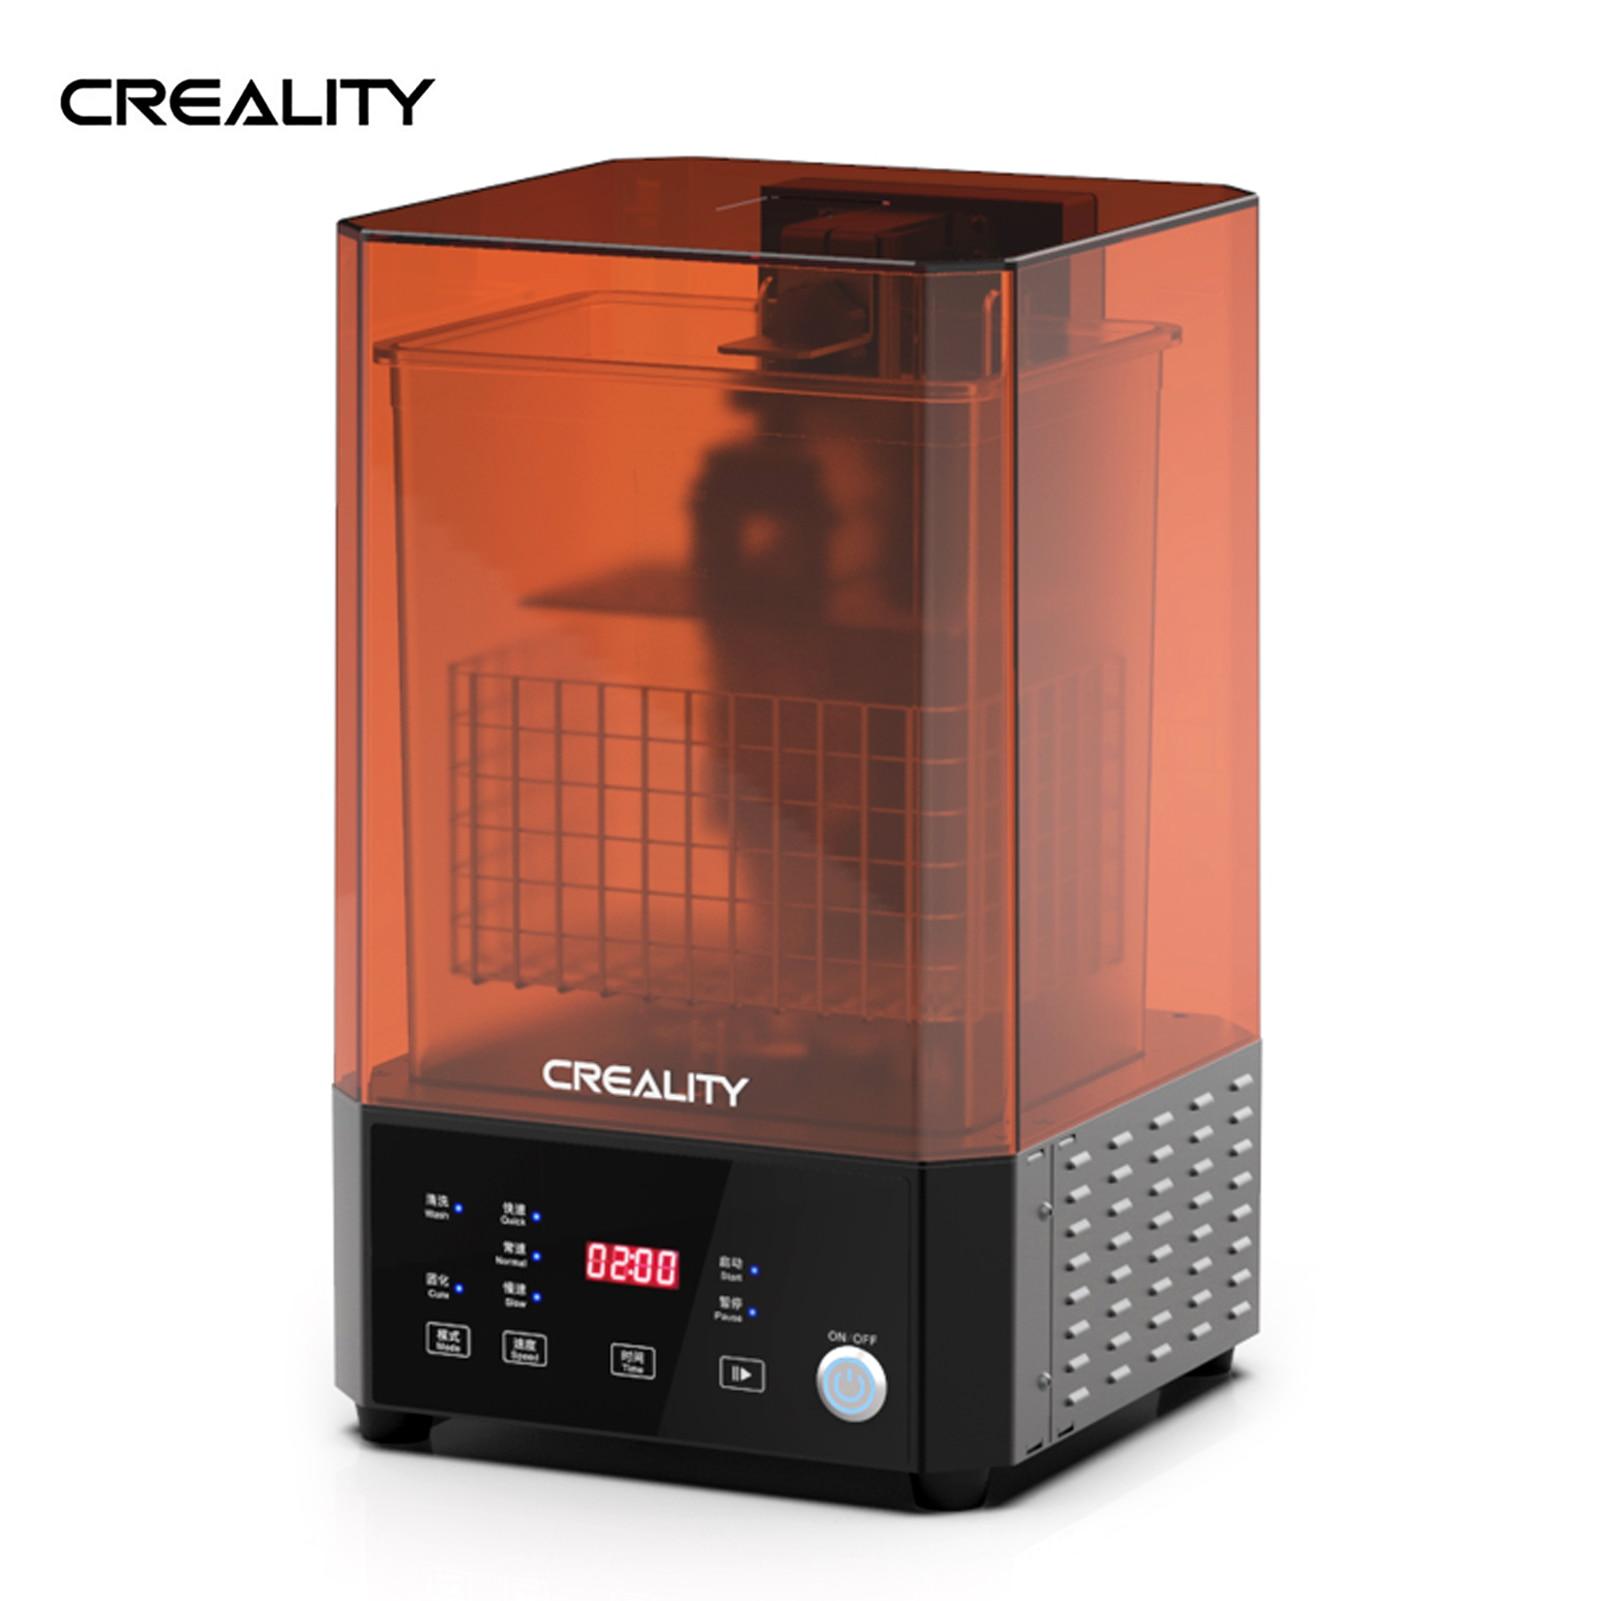 آلة غسل وعلاج طابعة ثلاثية الأبعاد LCD/SLA 2-in-1 من اندر UW-01 مصدر ضوء الأشعة فوق البنفسجية ثنائي النطاق مغناطيسي 360 درجة قابل للتدوير